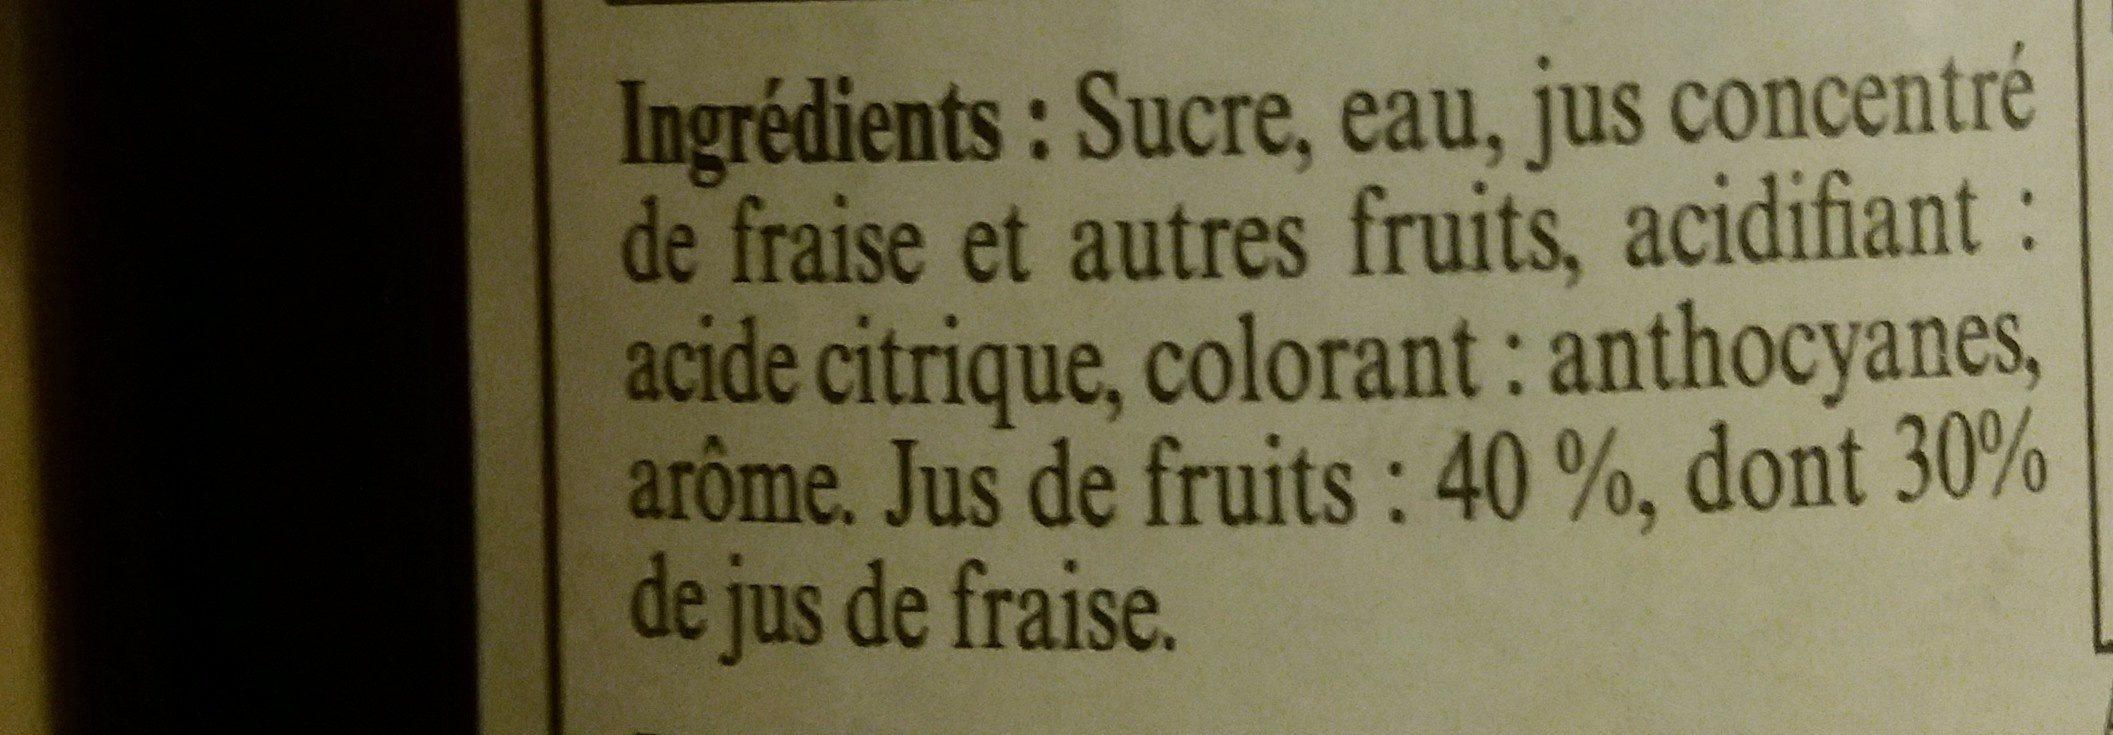 Sirop de fraise - Ingrédients - fr